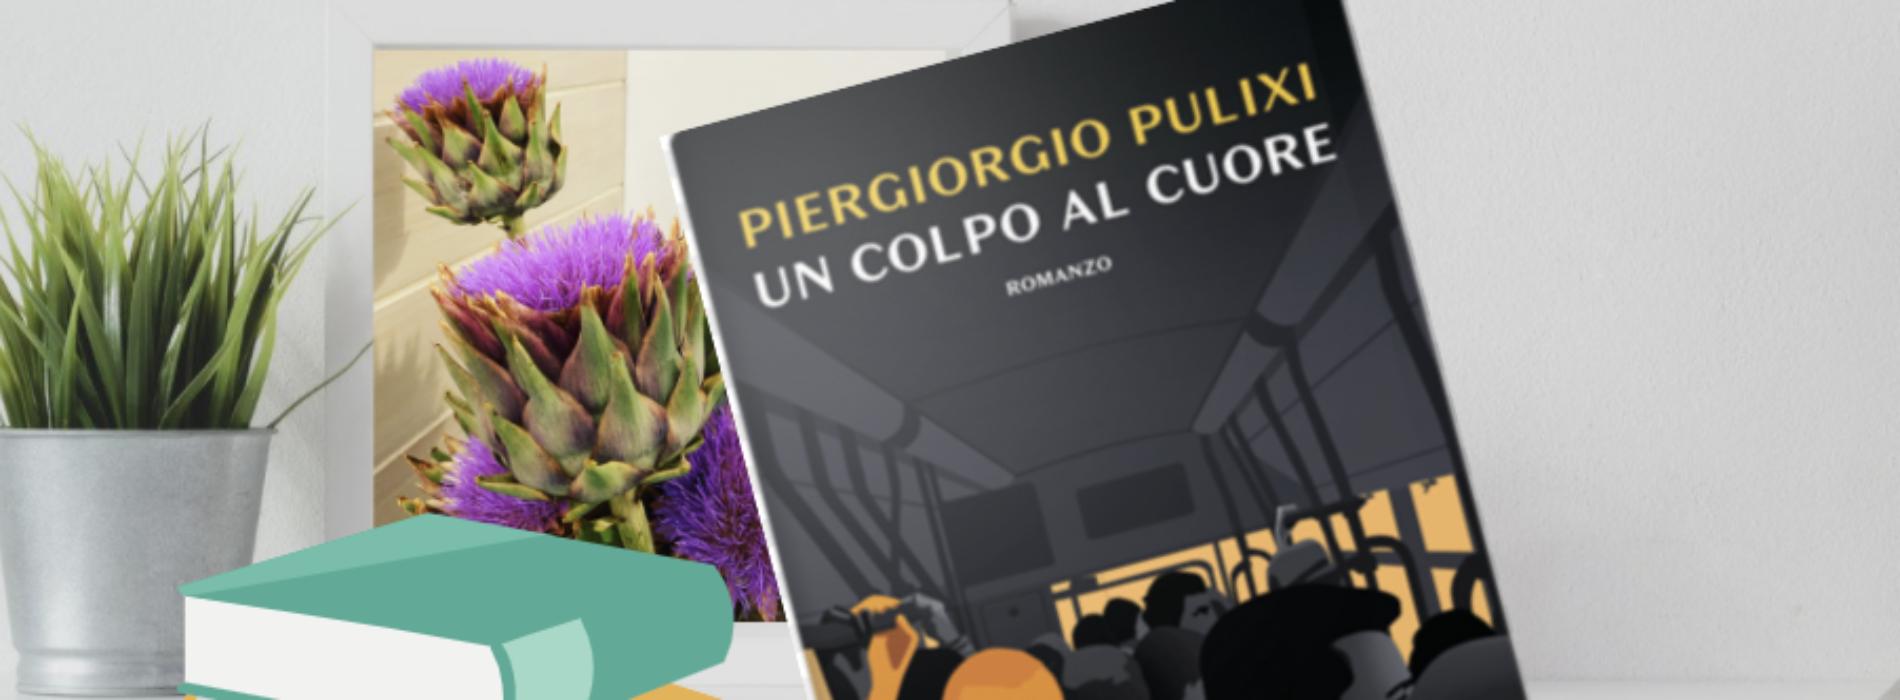 """Spartaco live, Piergiorgio Pulixi presenta """"Un colpo al cuore"""""""